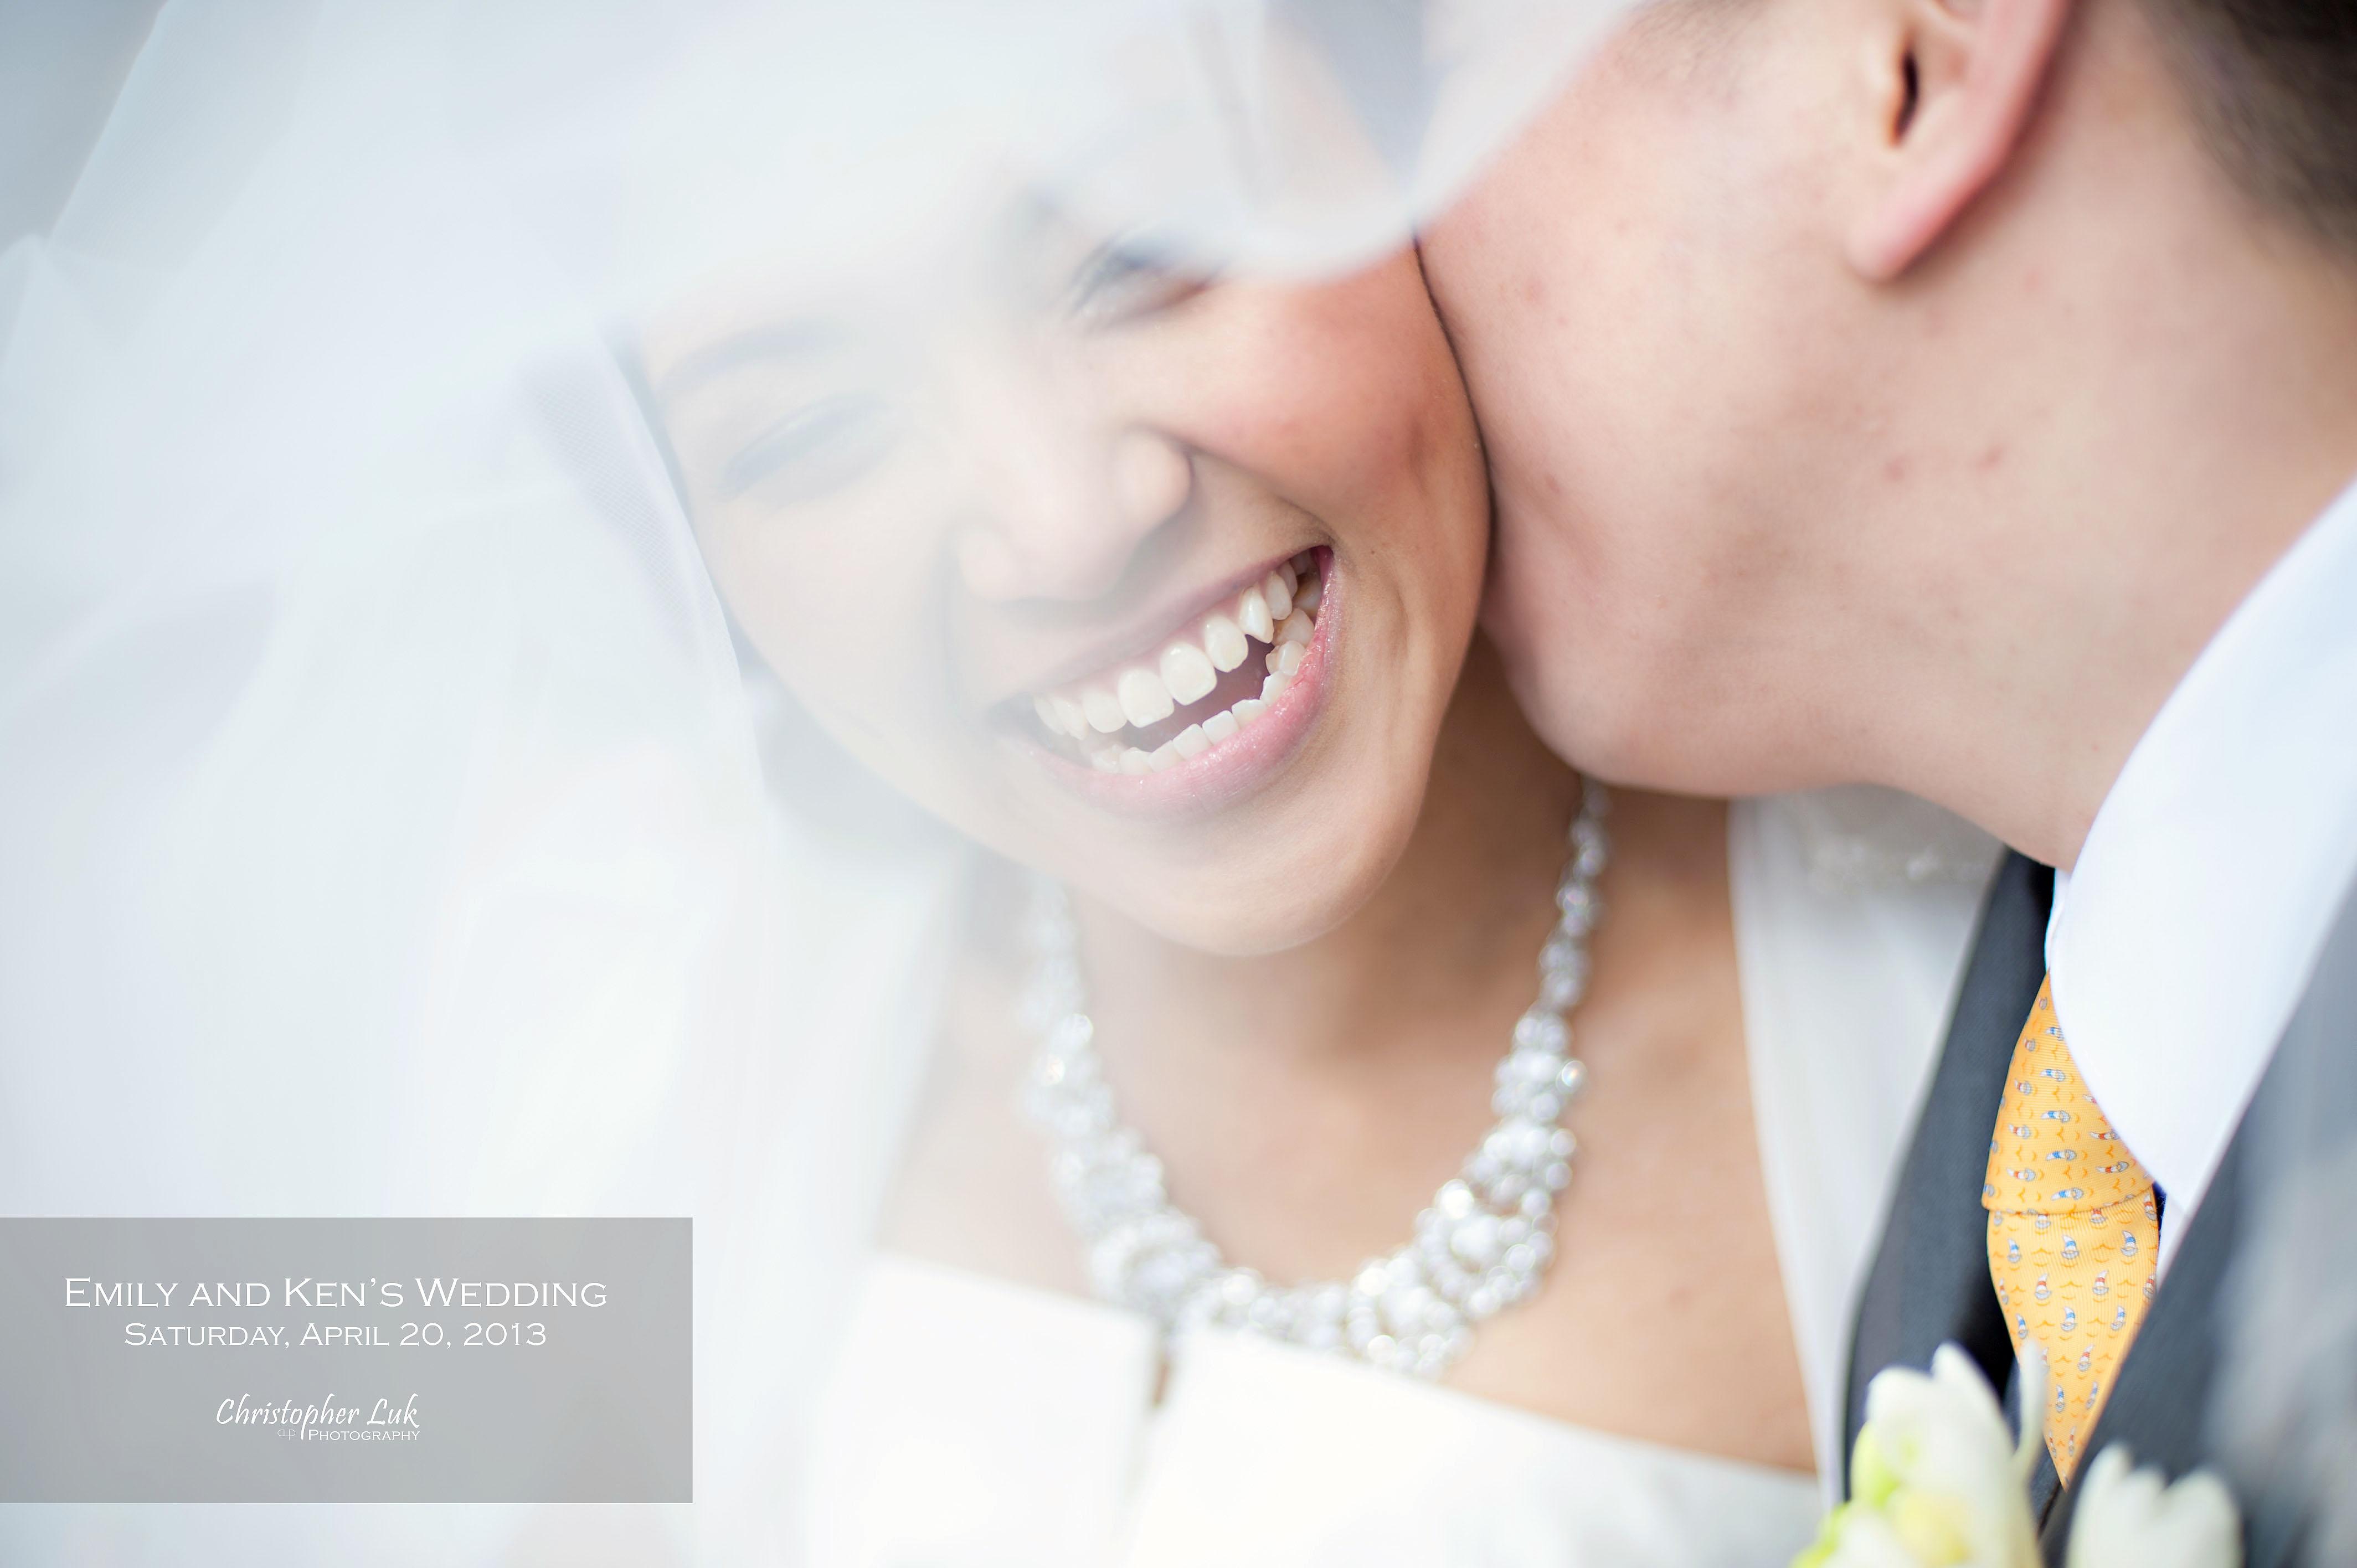 Sophie sackler wedding